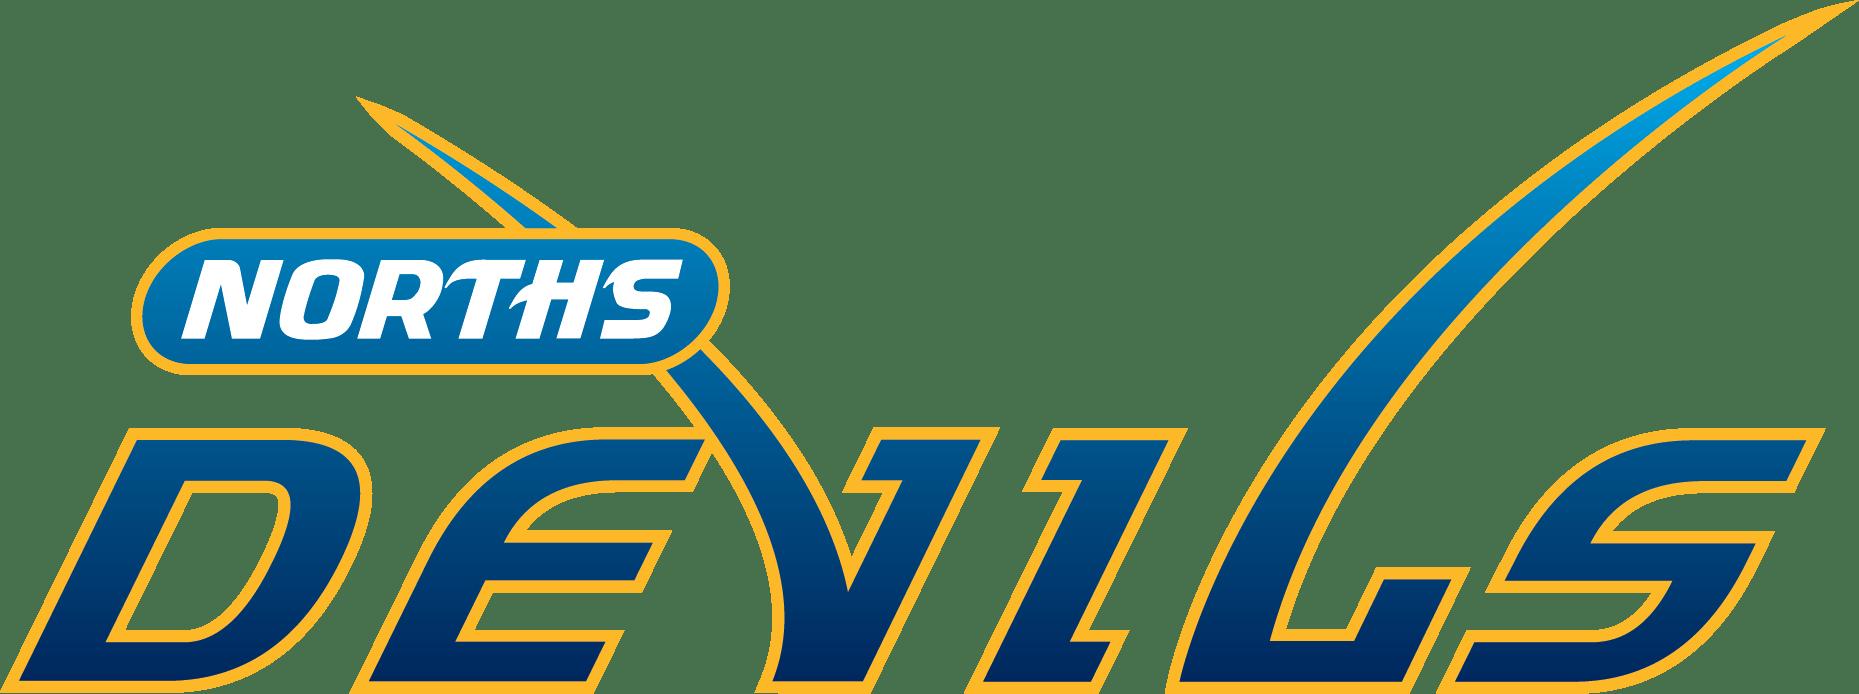 Norths Devils Leagues Club